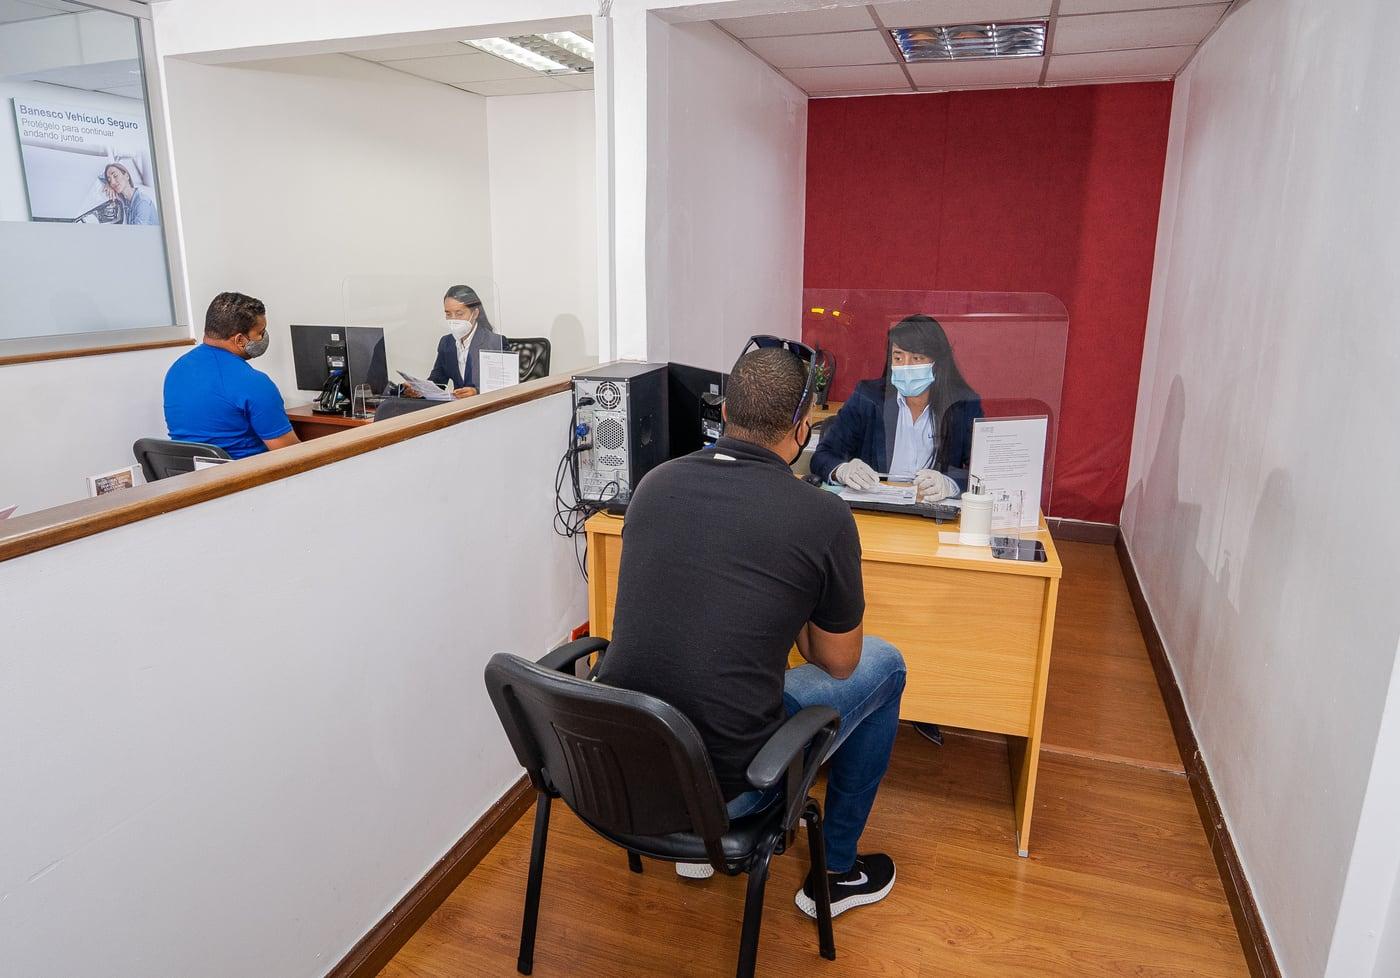 Foto de nuestras instalaciones | c18iZRx0i50hL3W17gg07kp18